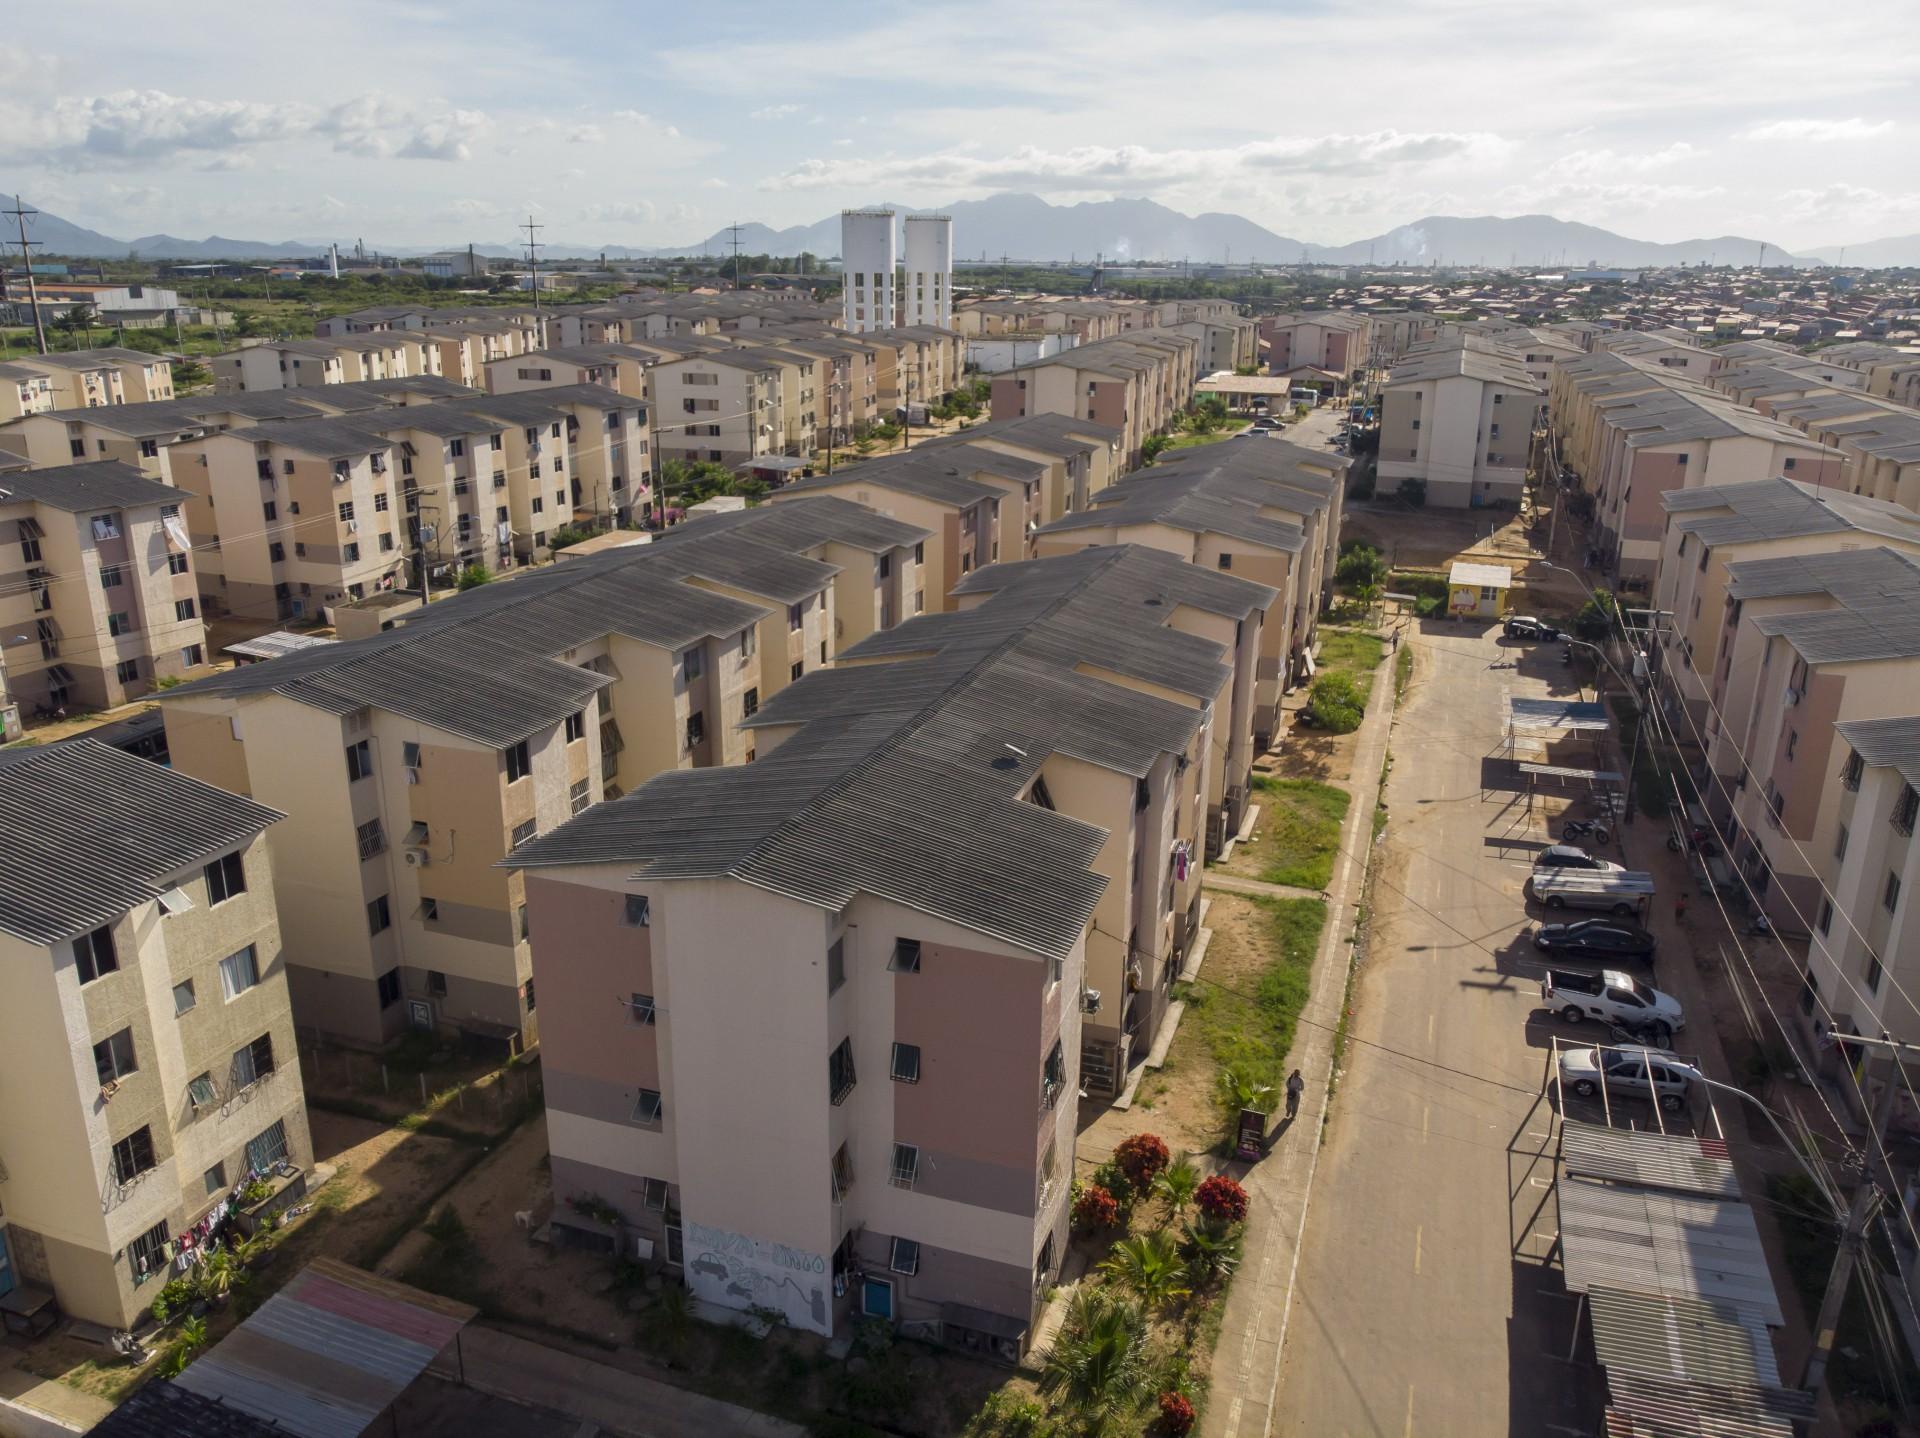 Objetivo da portaria é fornecer mais serviços, além da moradia, no programa de habitação (Foto: FCO FONTENELE)